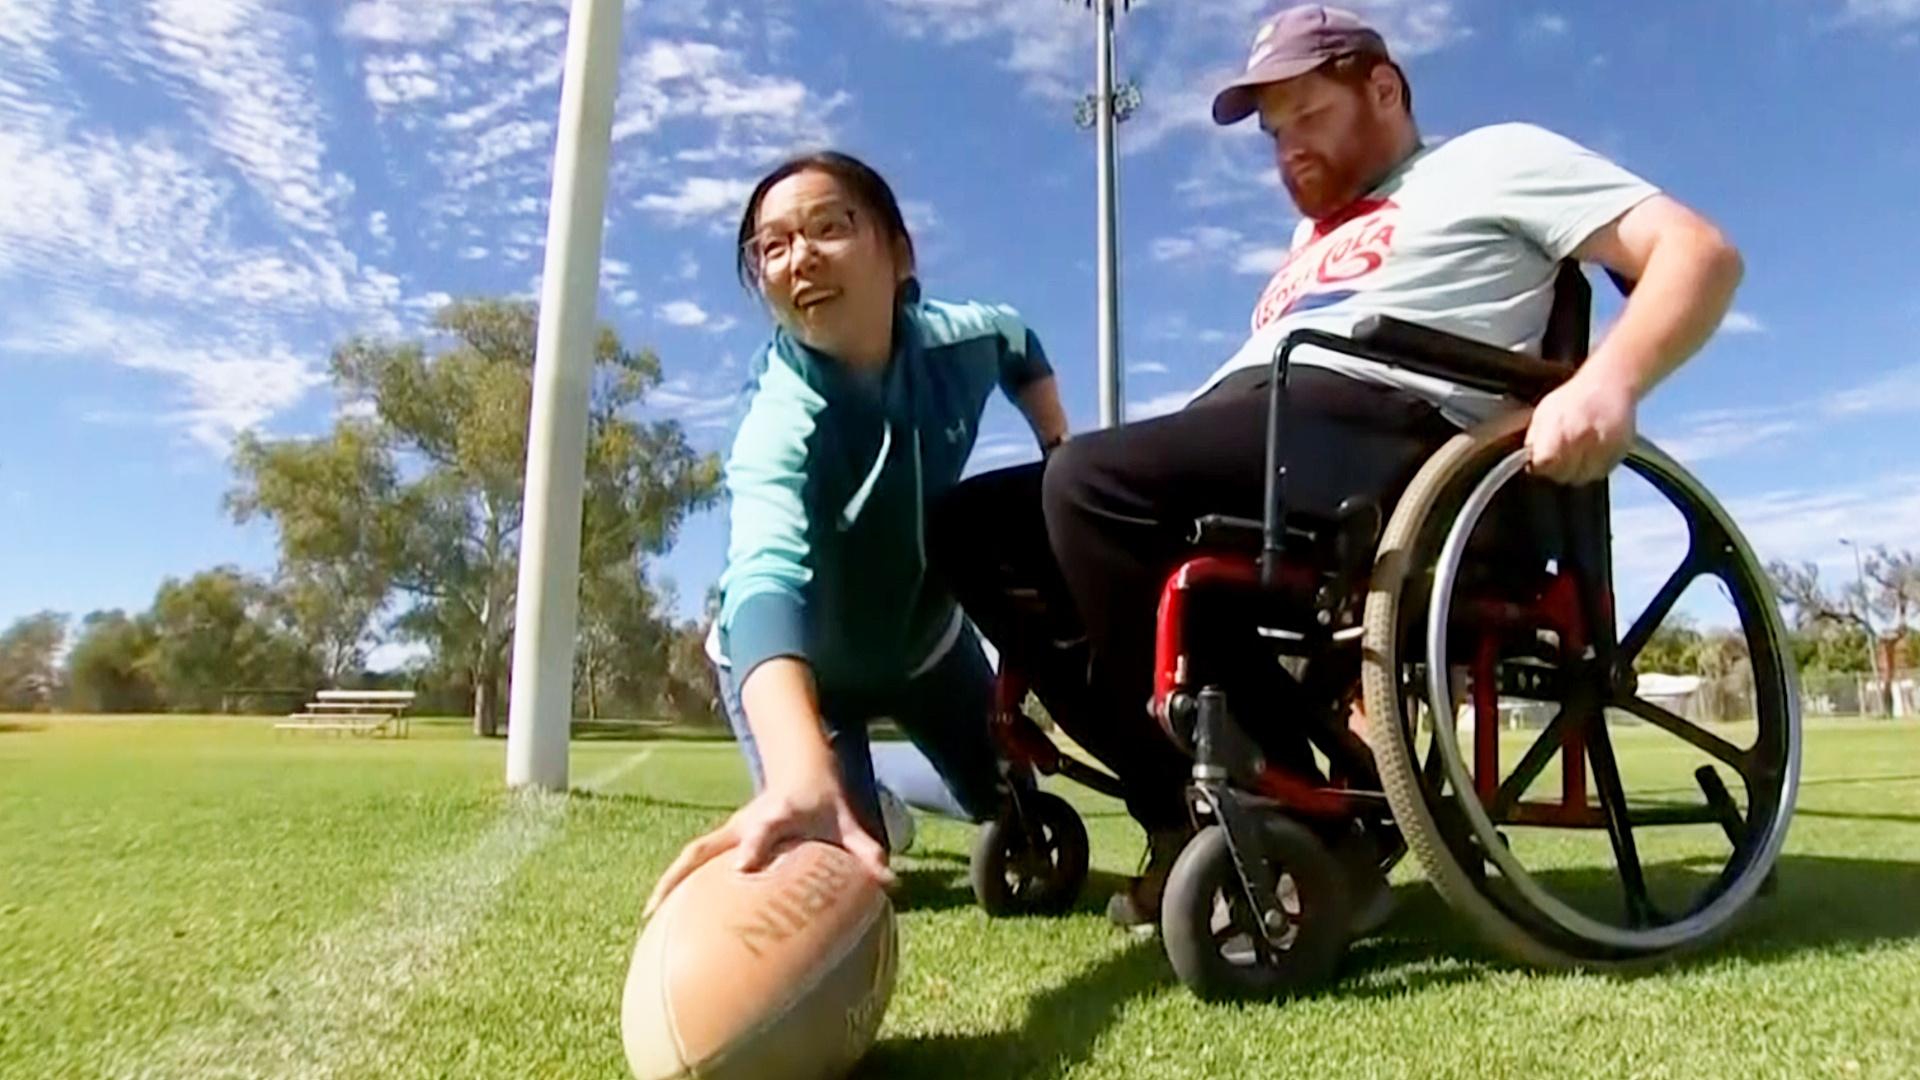 Футбол в инвалидном кресле: как в Австралии поддерживают спортом